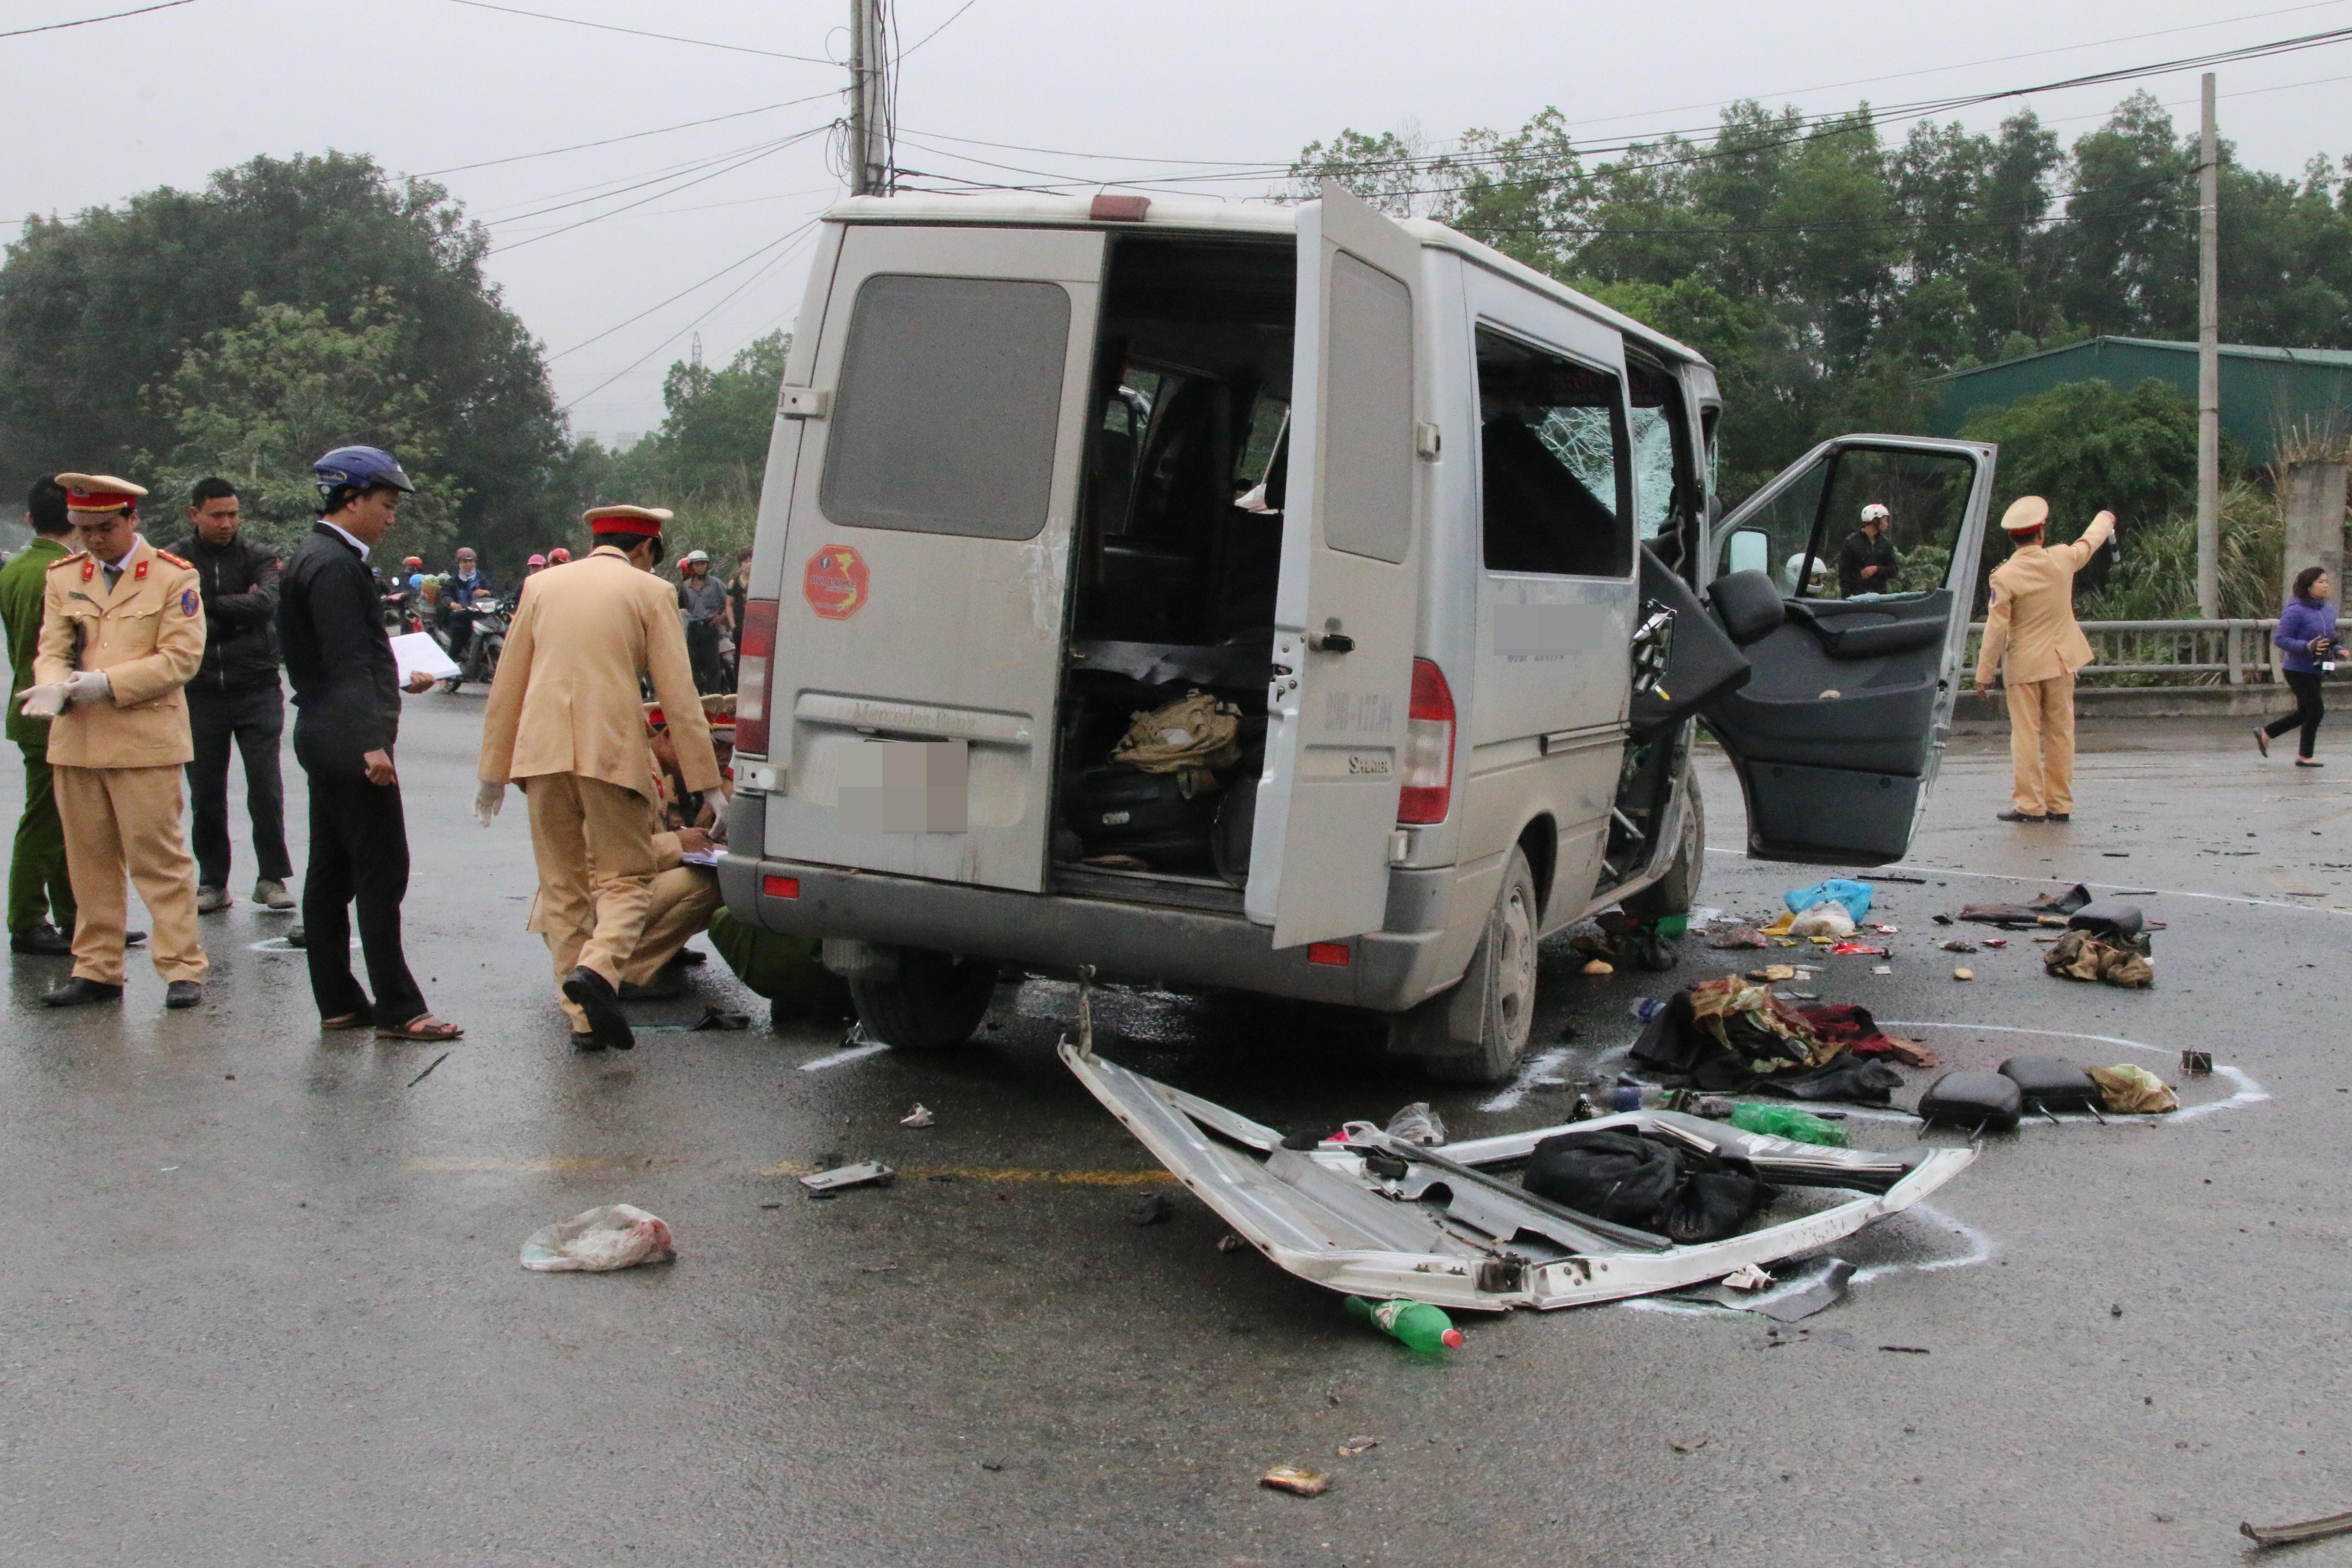 Chùm ảnh: Hiện trường vụ xe đón dâu đâm vào xe tải khiến 3 người thiệt mạng, 16 người khác bị thương - Ảnh 3.